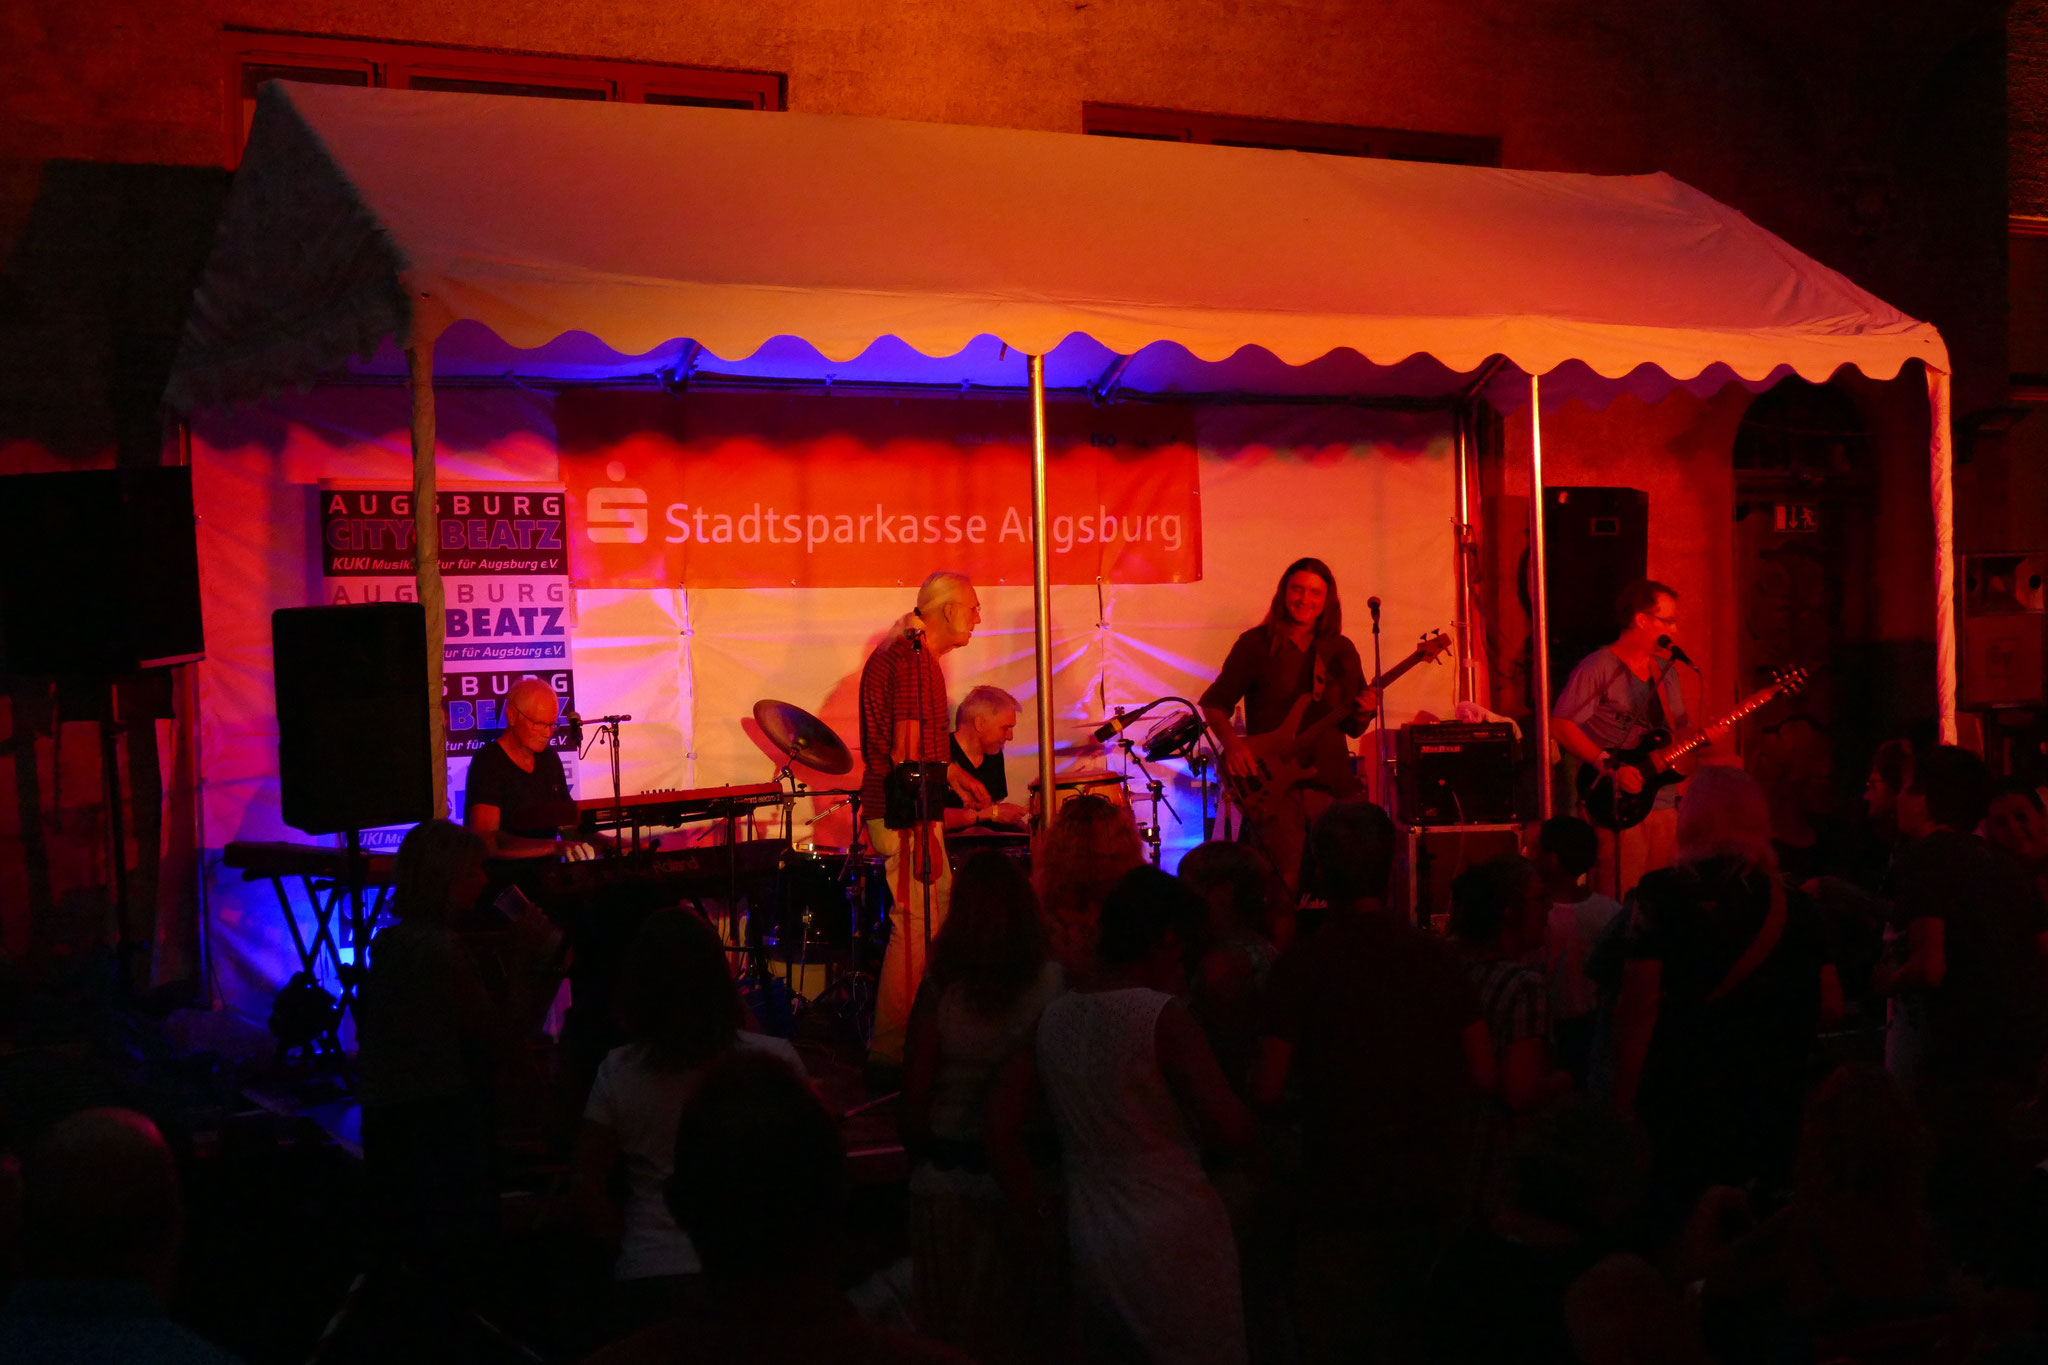 Konzerte im Bürgerhof 07.07.17 Sunday in Jail - Freiwilligen-Zentrum Augsburg - Foto: Christoph Urban